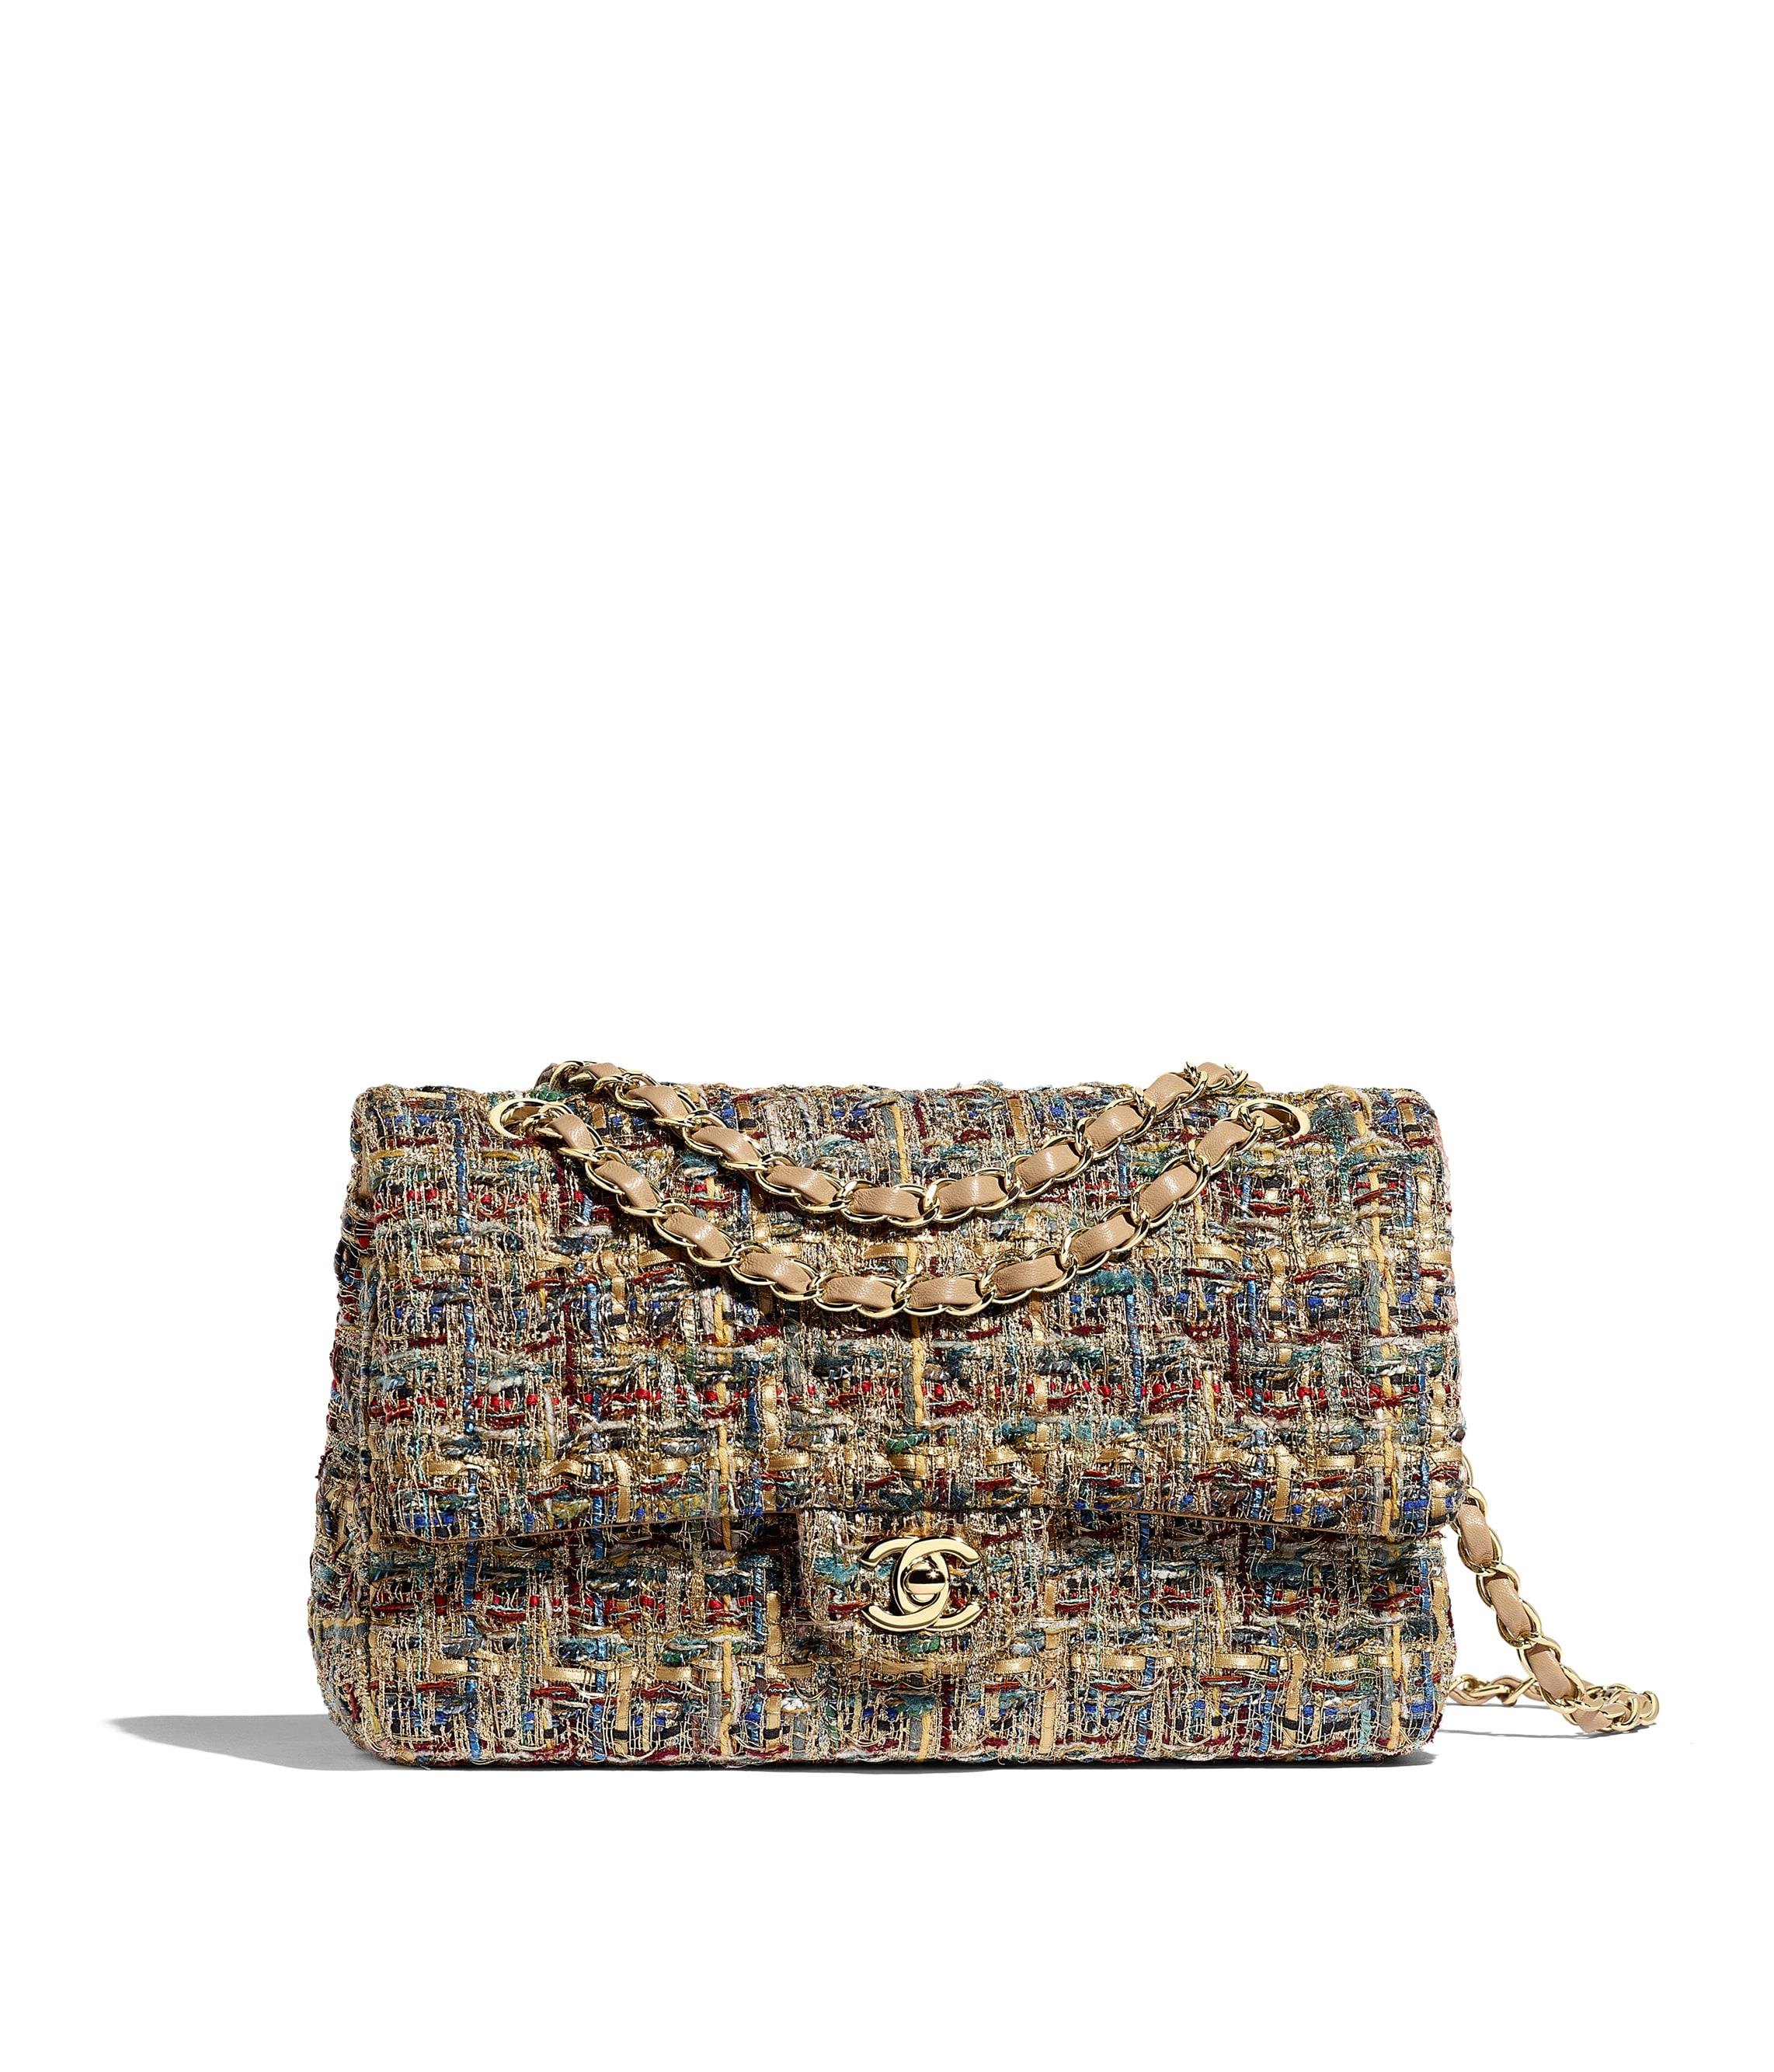 04ab88c17070 Classic Handbags - Handbags - CHANEL